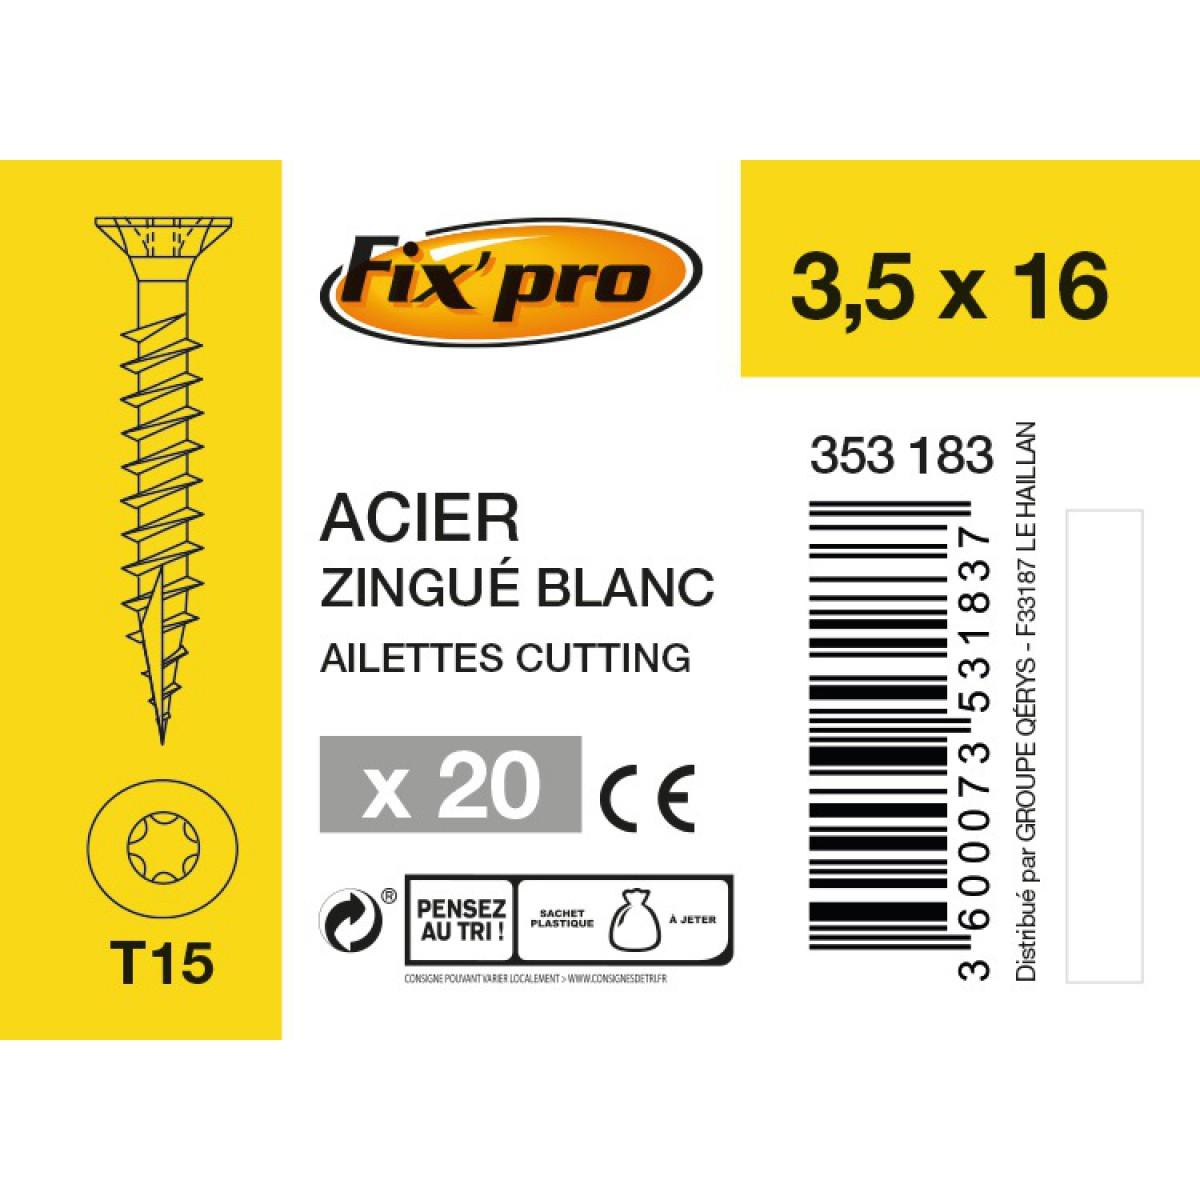 Vis à bois tête fraisée TX - 3,5x16 - 20pces - Fixpro